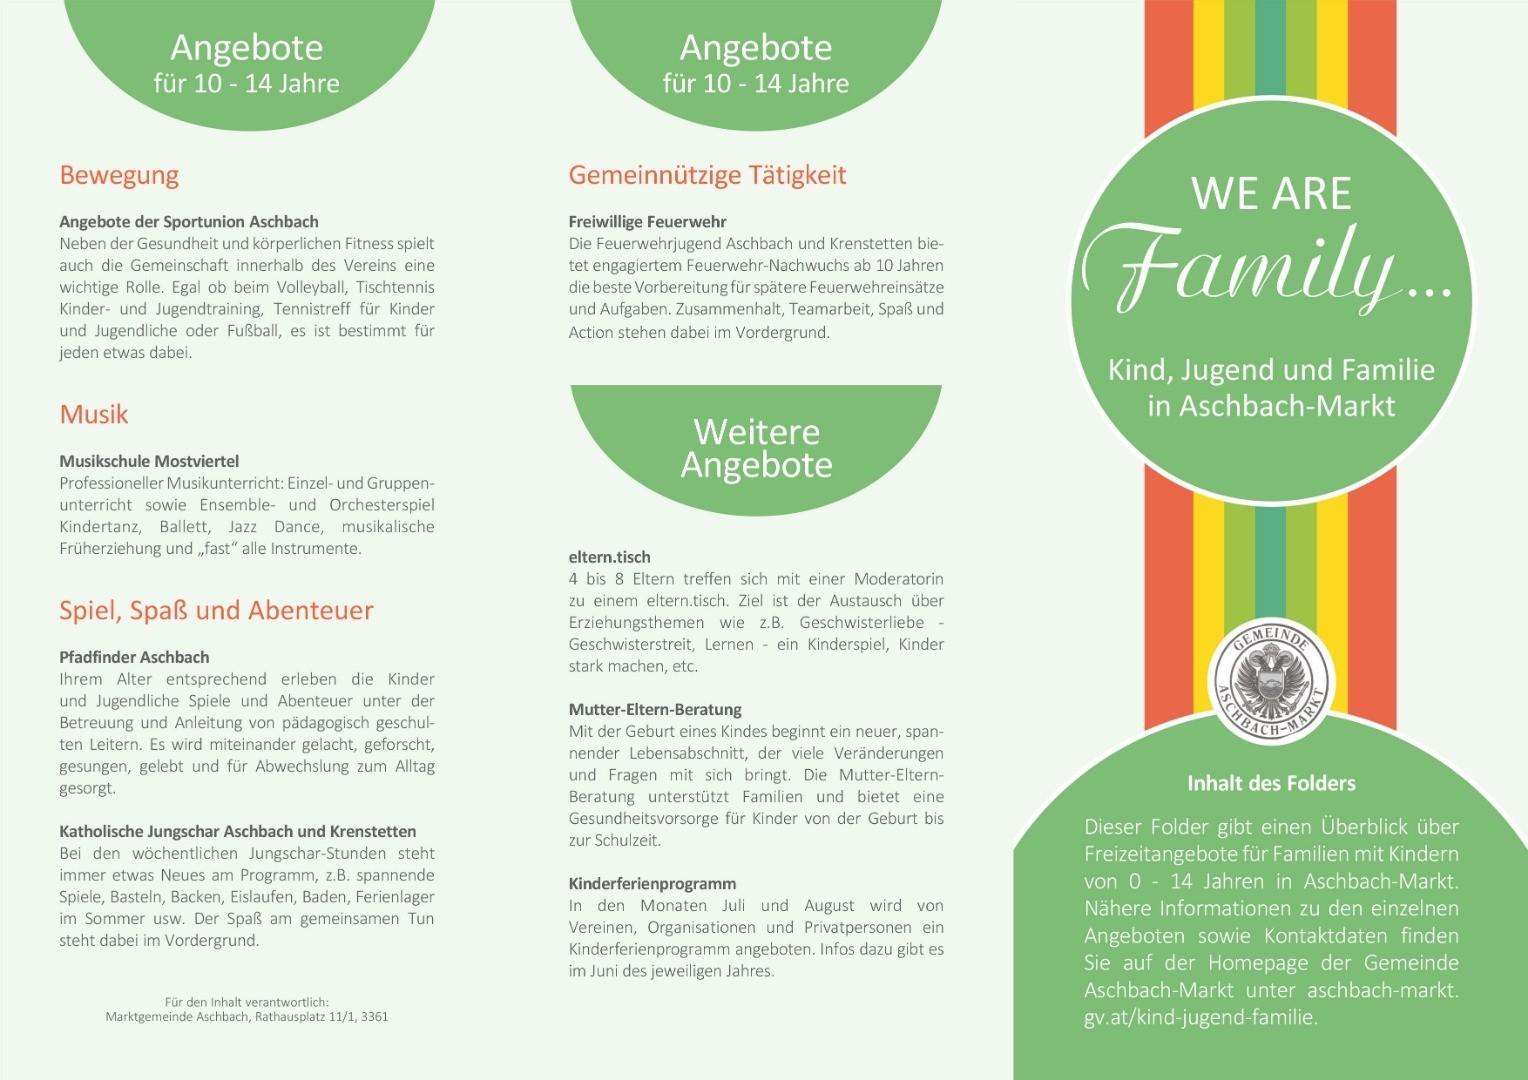 Folder_WE ARE FAMILY_Kind, Jugend und Familie-1.jpg